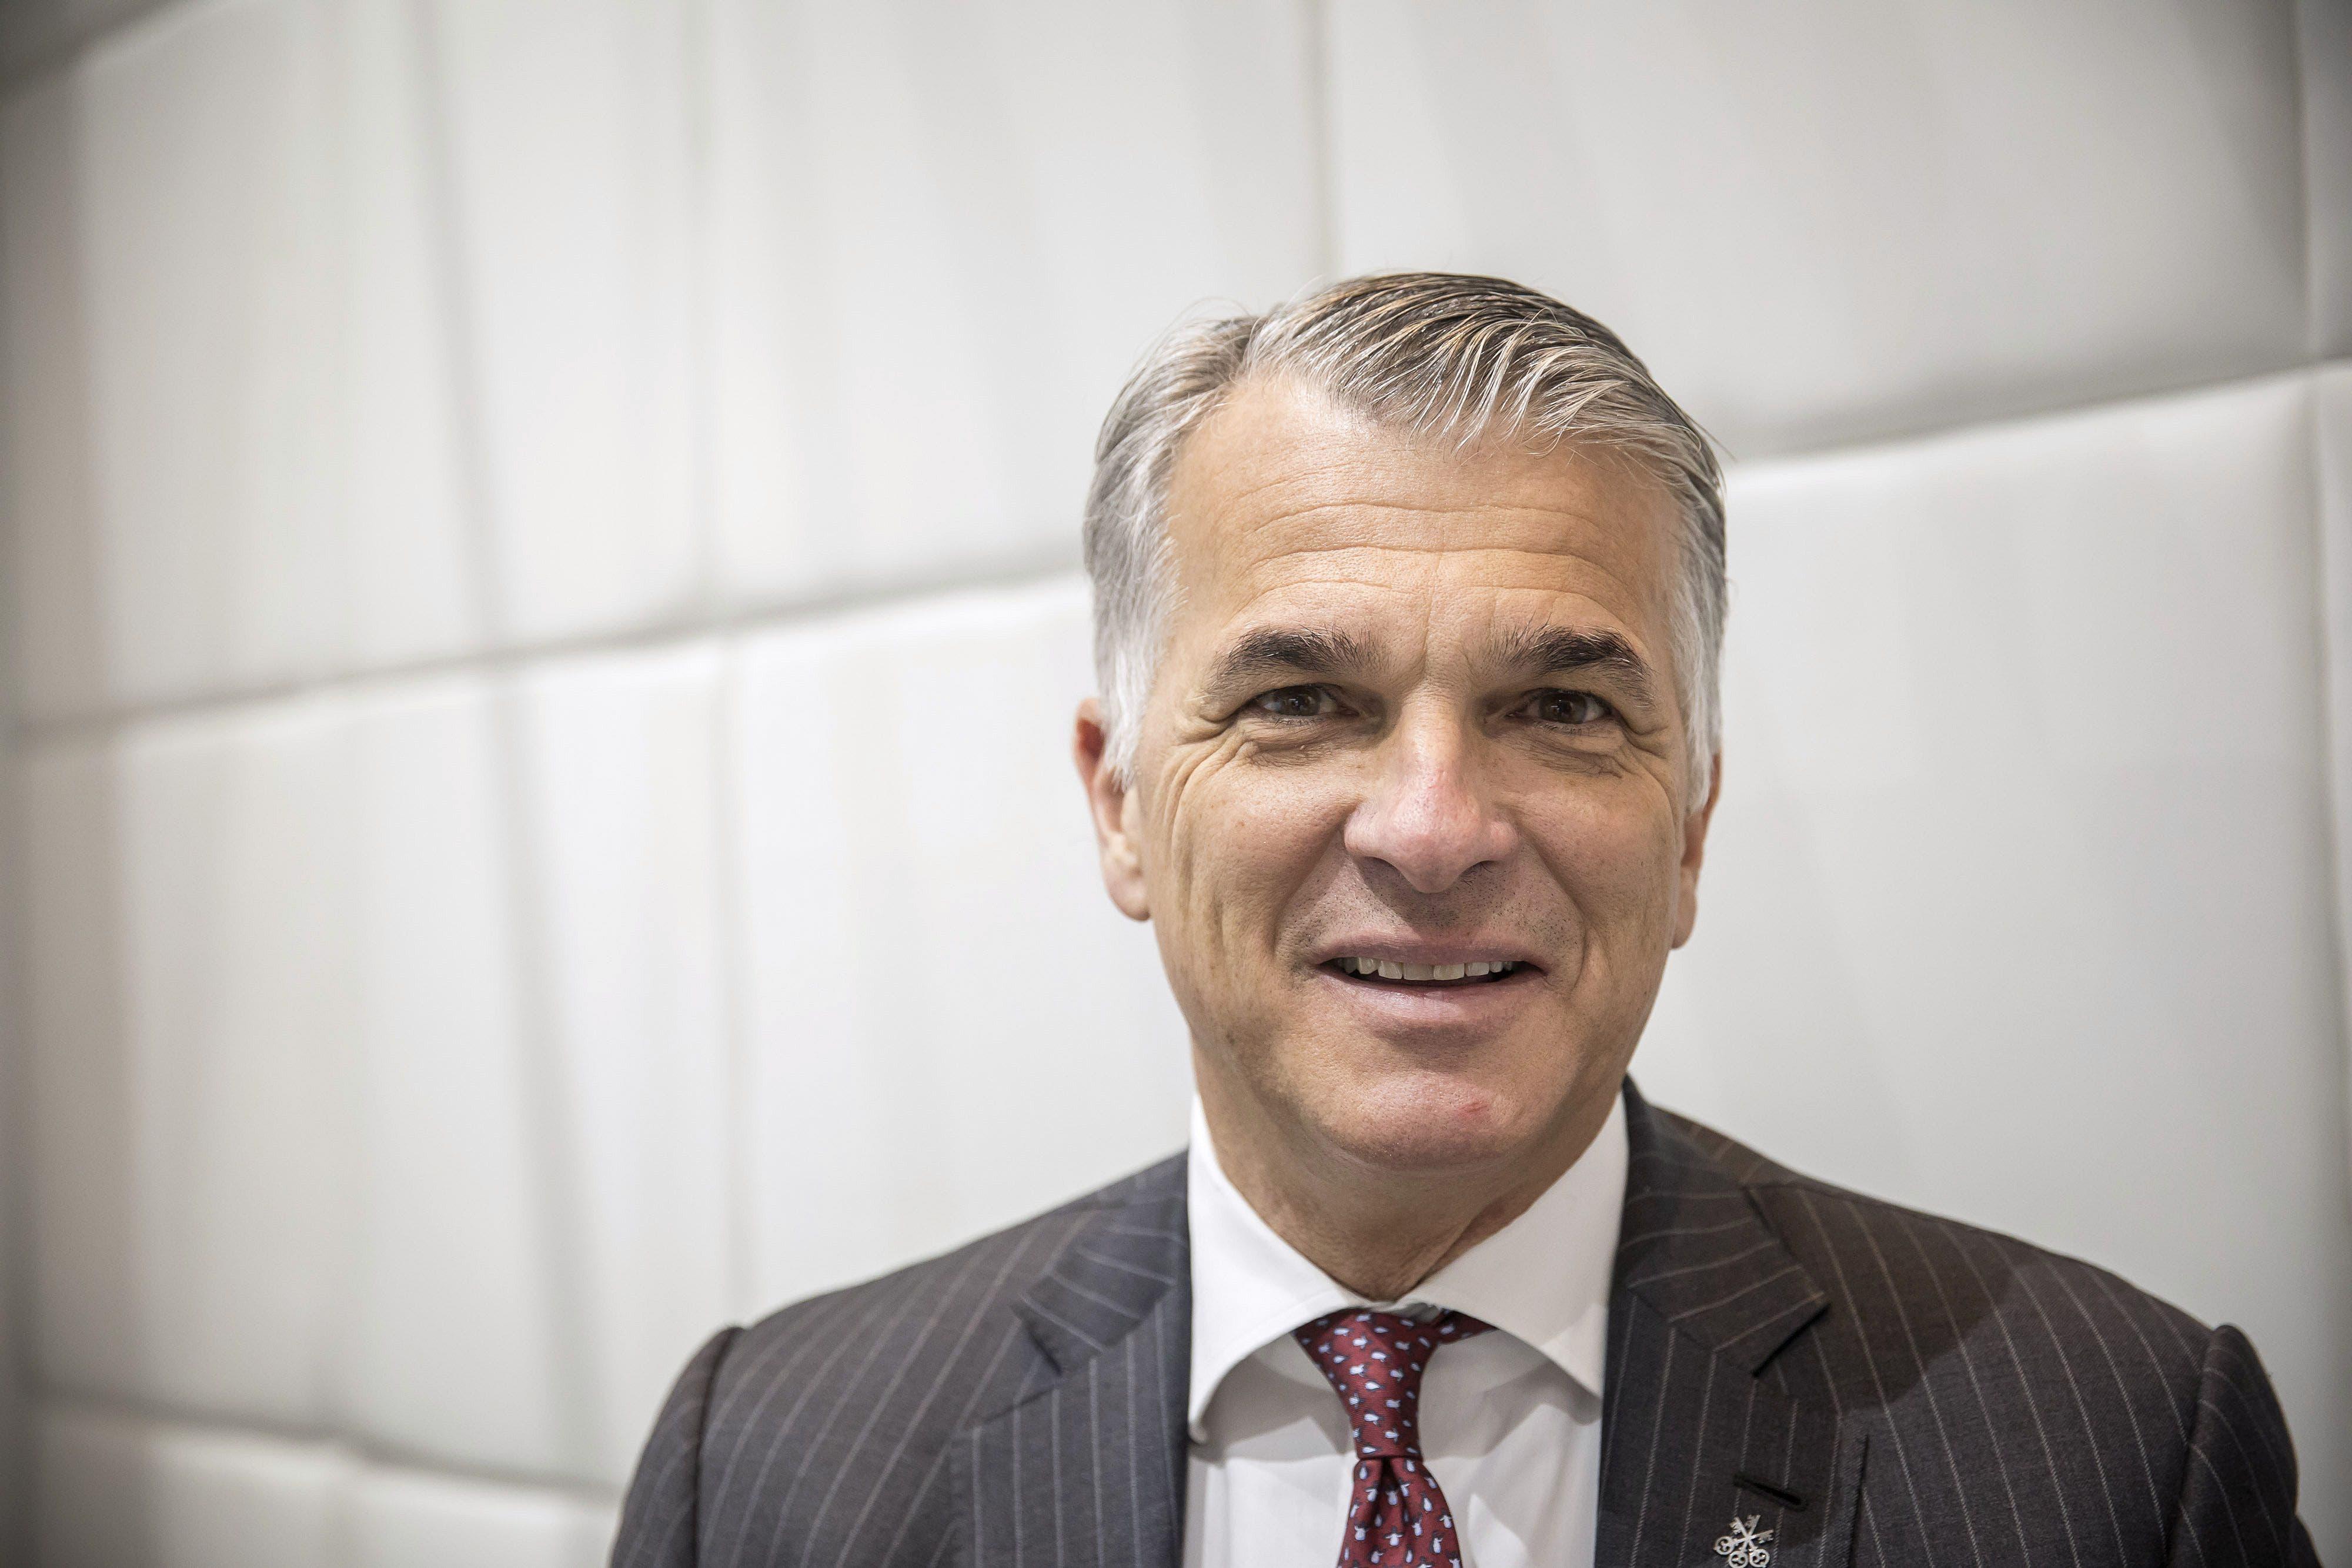 «Ich bin dagegen. Der Standort Schweiz ist auf die unkomplizierte Rekrutierung internationaler Arbeitskräfte angewiesen.» Sergio Ermotti, Konzernchef UBS.